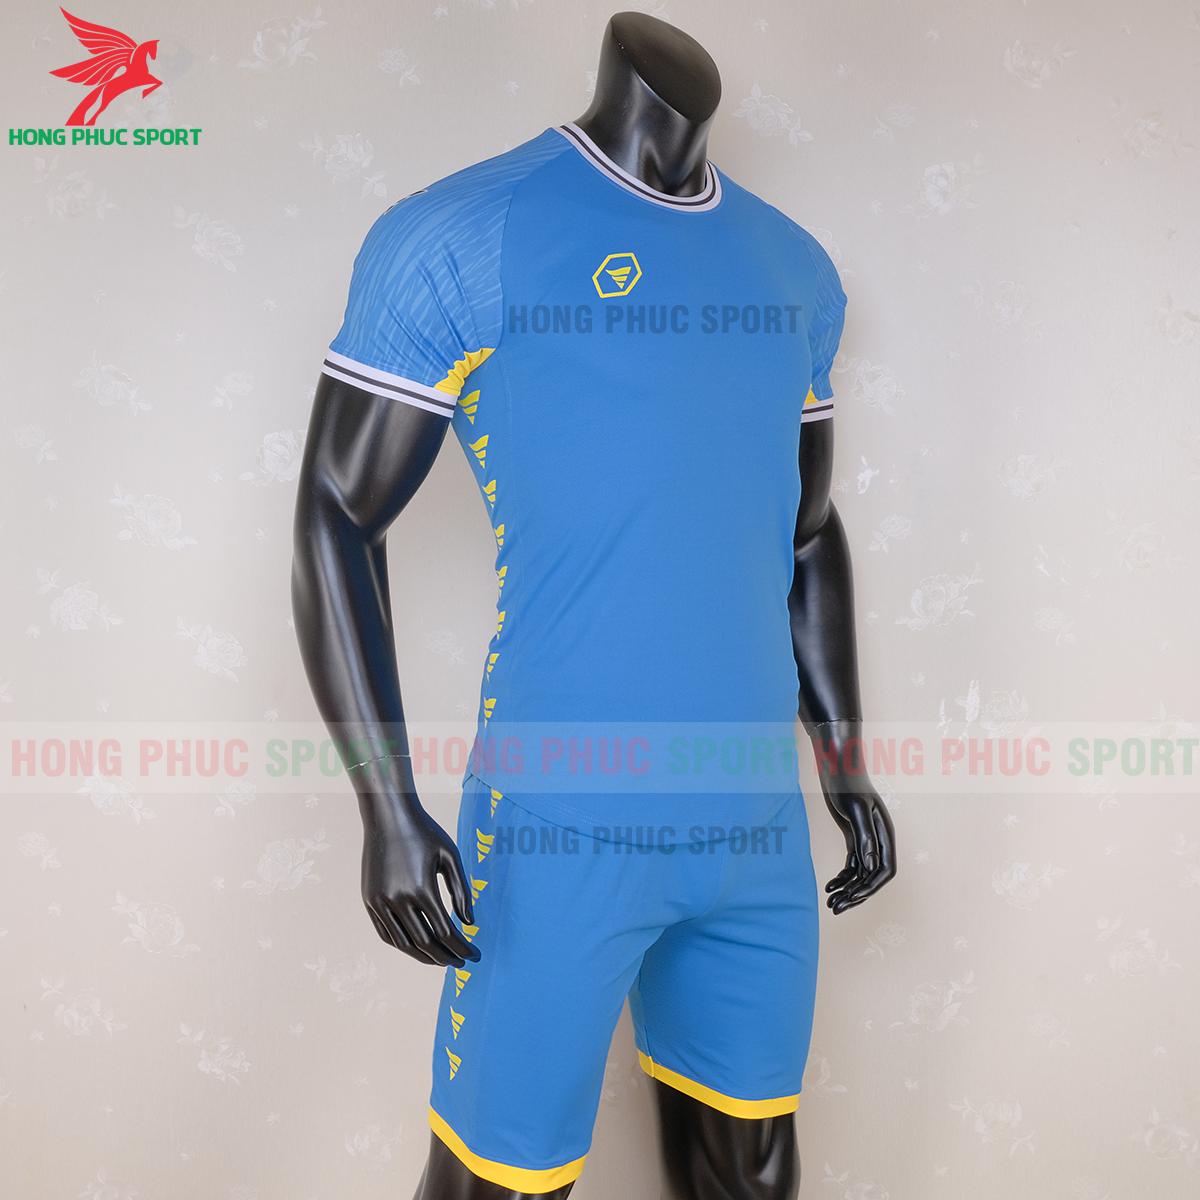 https://cdn.hongphucsport.com/unsafe/s4.shopbay.vn/files/285/ao-bong-da-khong-logo-ta-a06-mau-4-3-5f728e50ae425.png